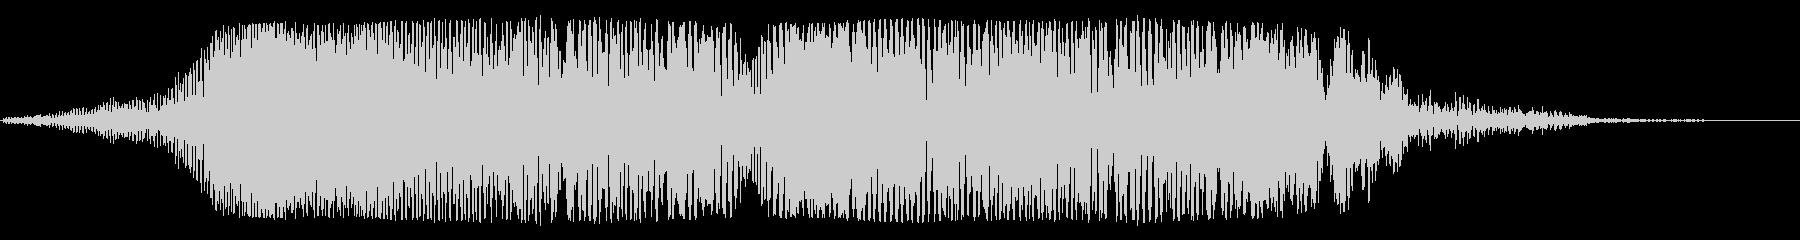 宇宙船通過(下り調子・透明感のある低音)の未再生の波形